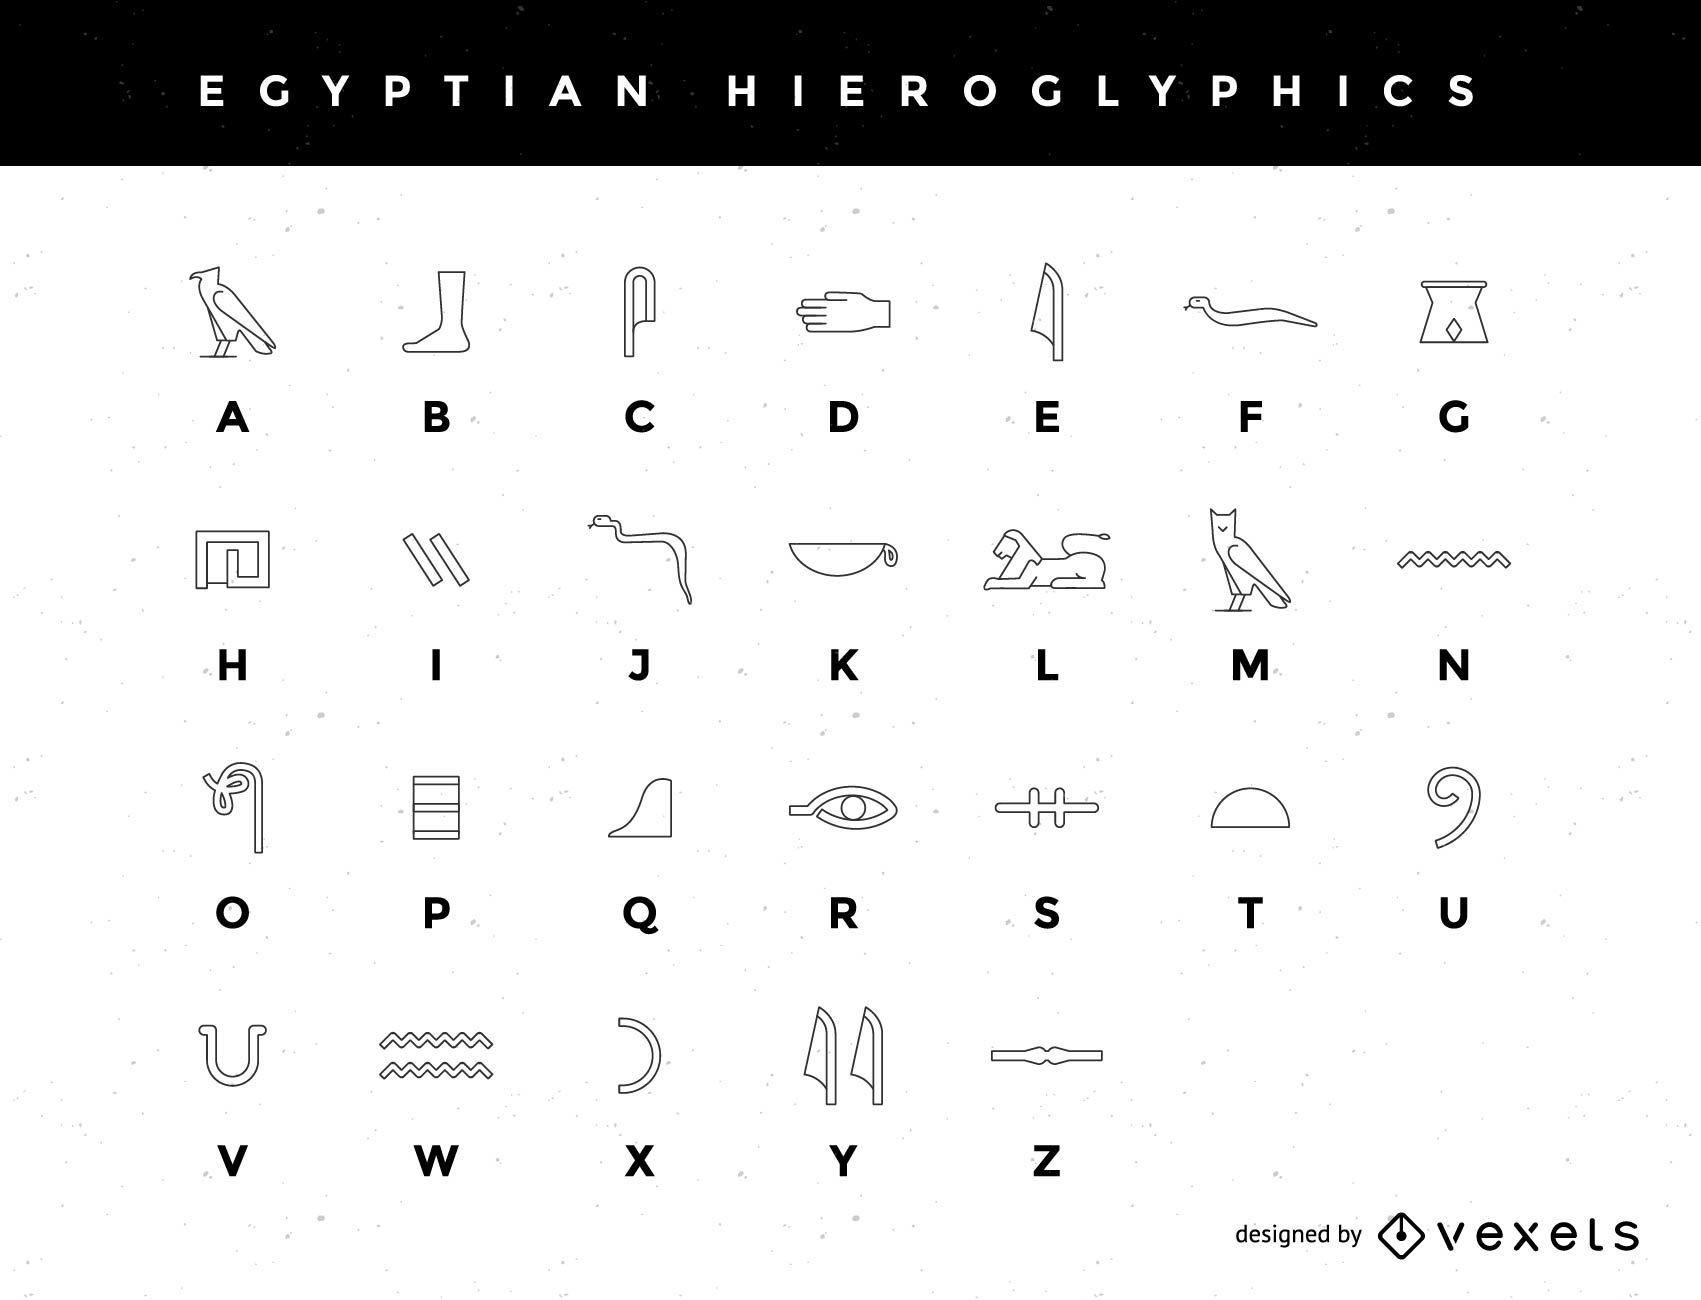 Un alfabeto jerogl?fico egipcio estilizado